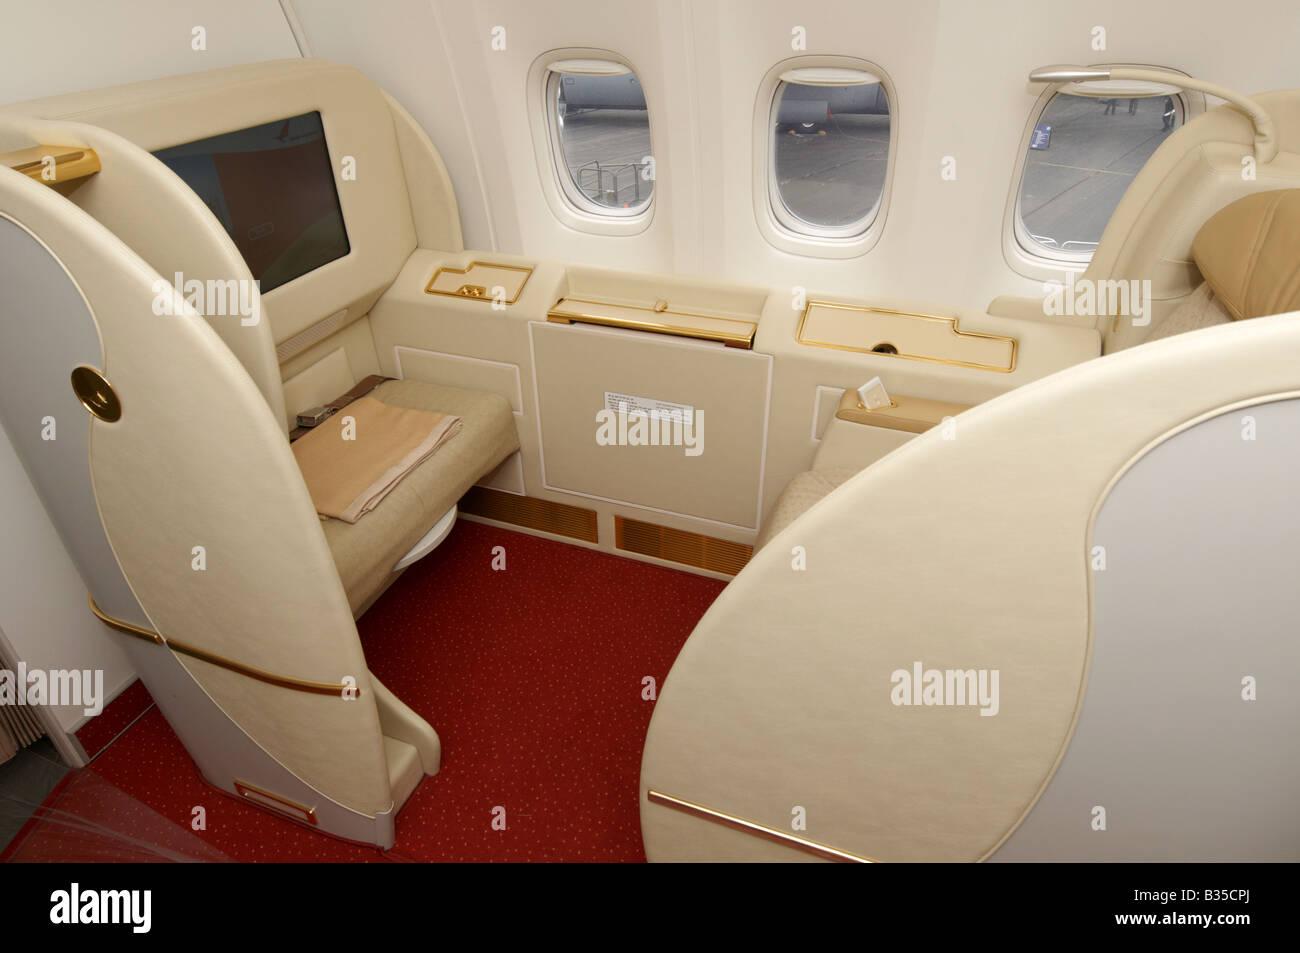 baggage allowance air india